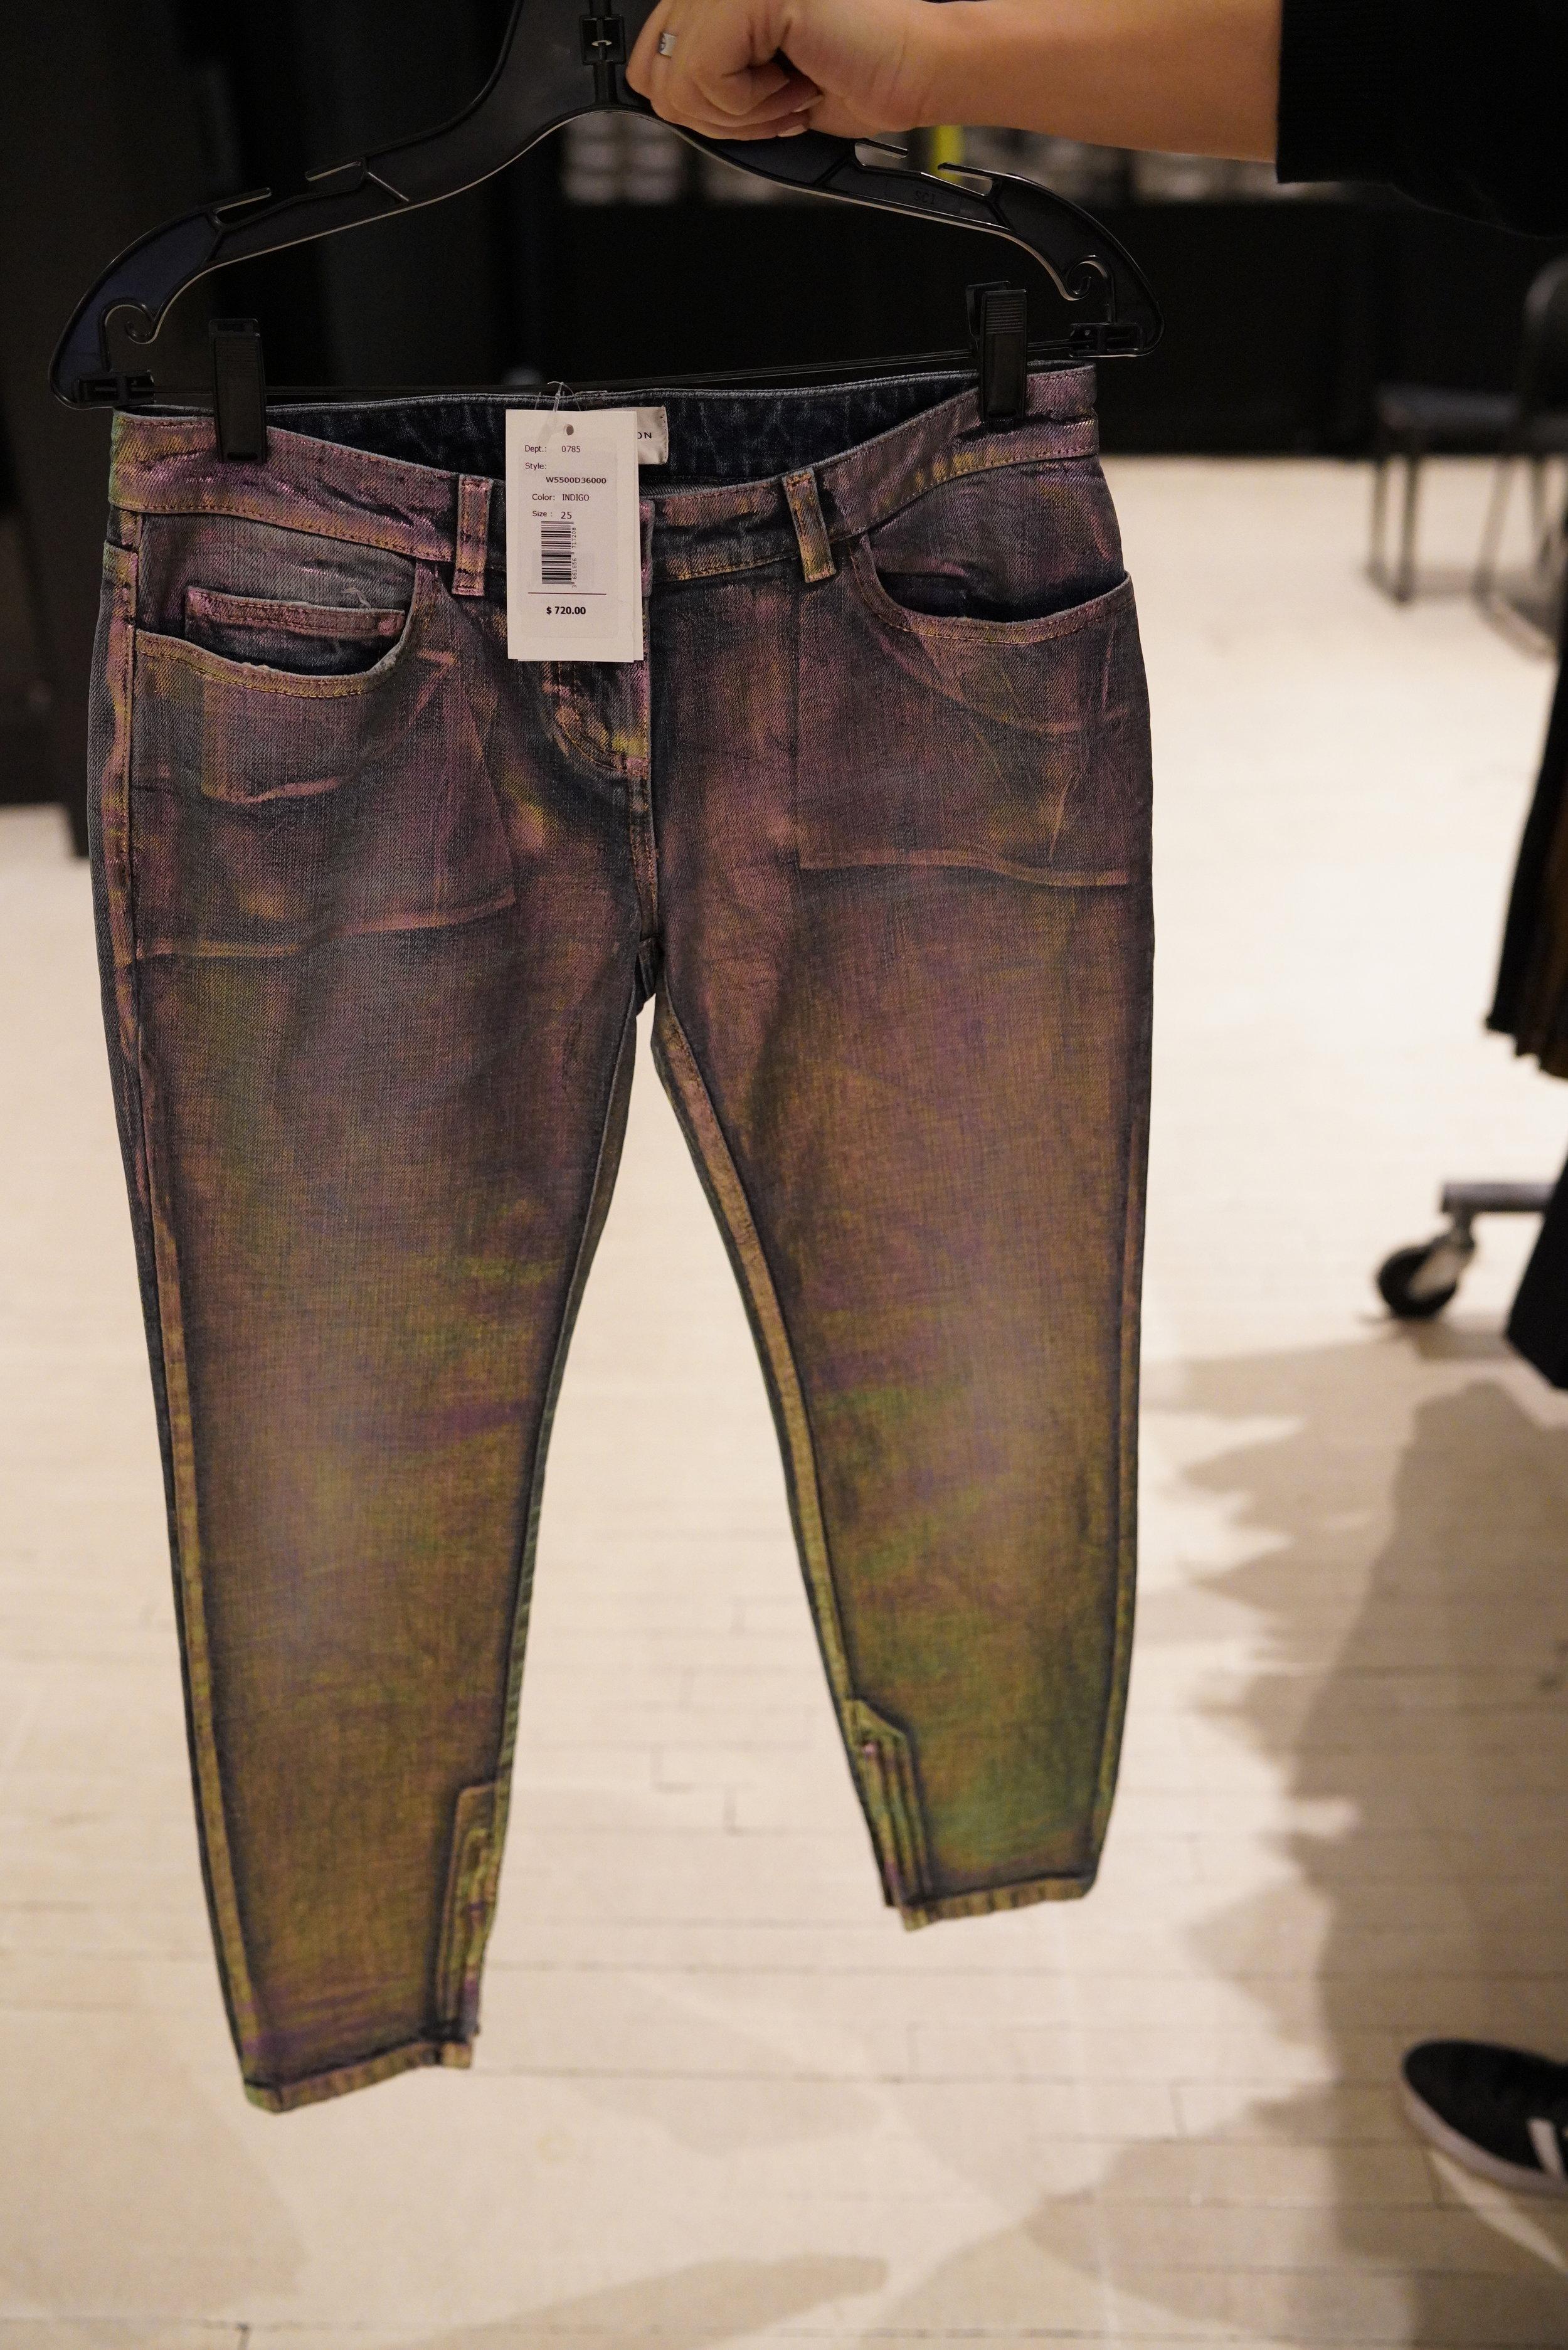 Shop Iridescent Faith Connexion Waxed Pants From Shop Faith